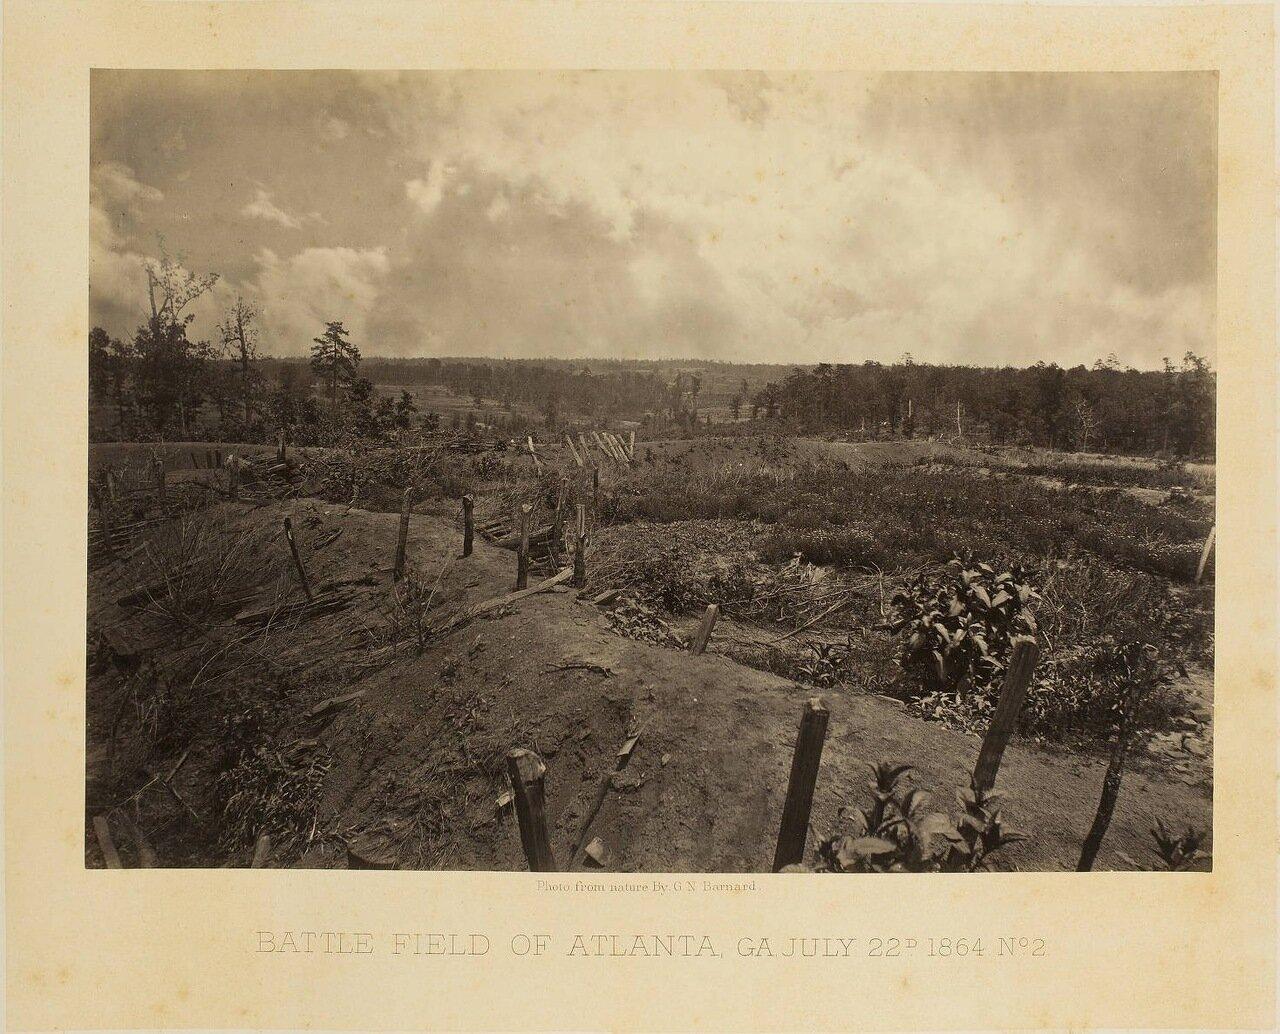 Поле битвы при Атланте, Джорджия 22 июня 1864 года. №2